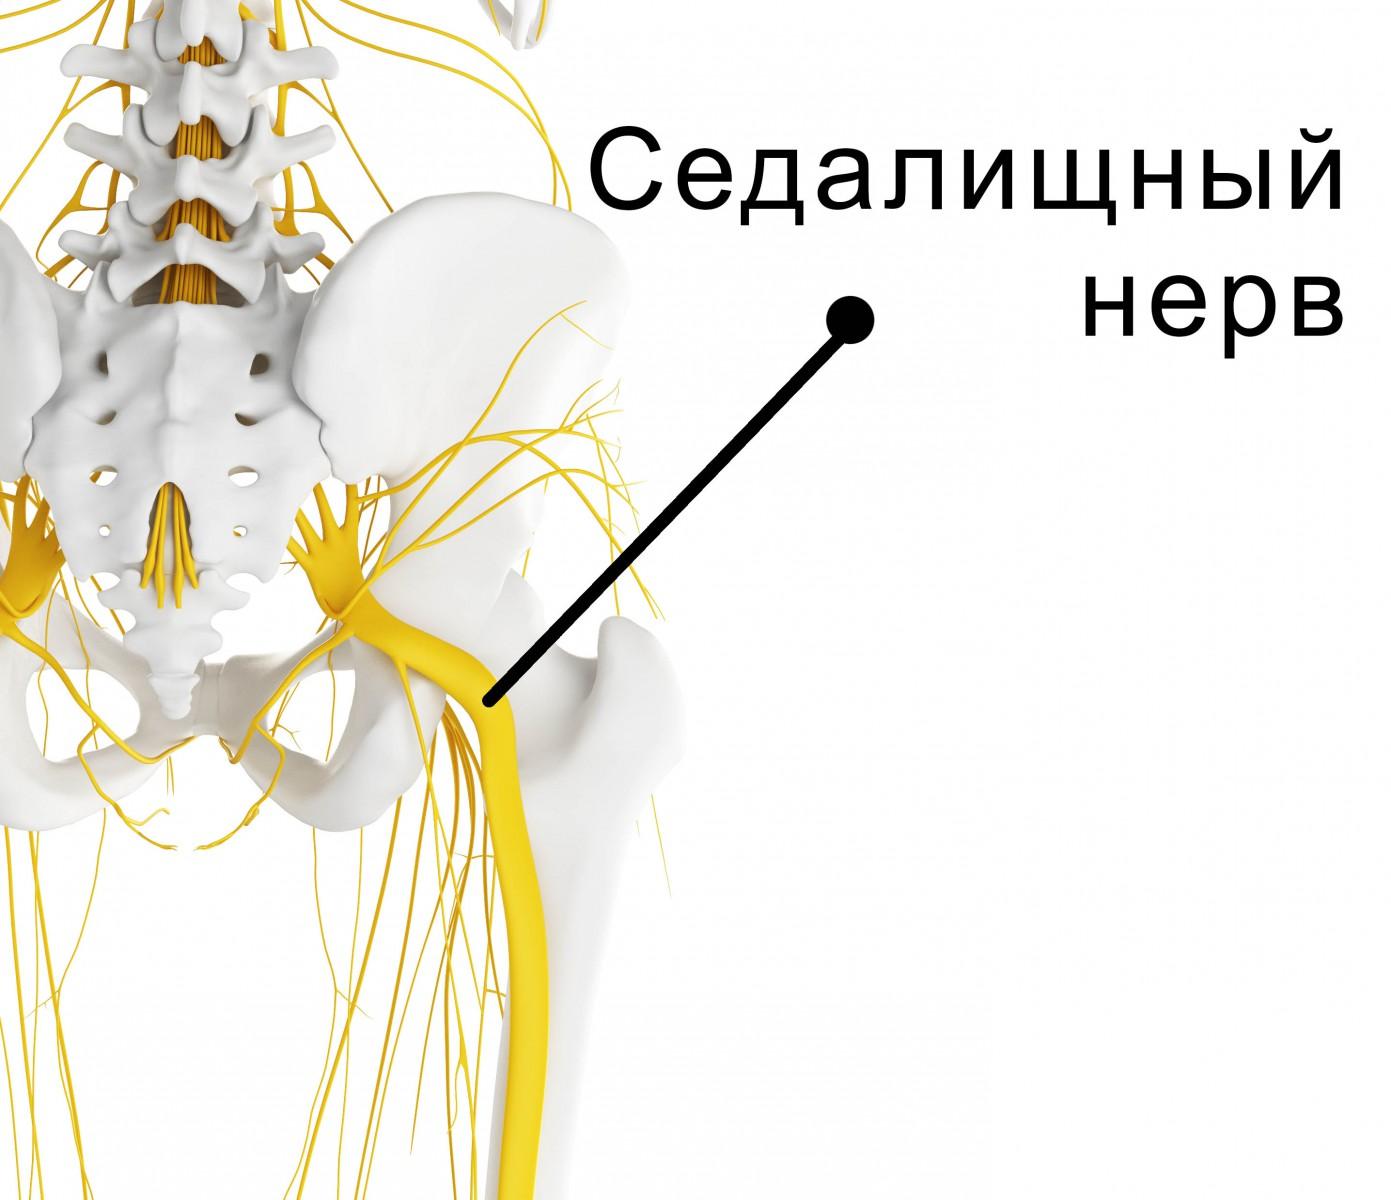 Чем и как лечить воспаление седалищного нерва в домашних условиях